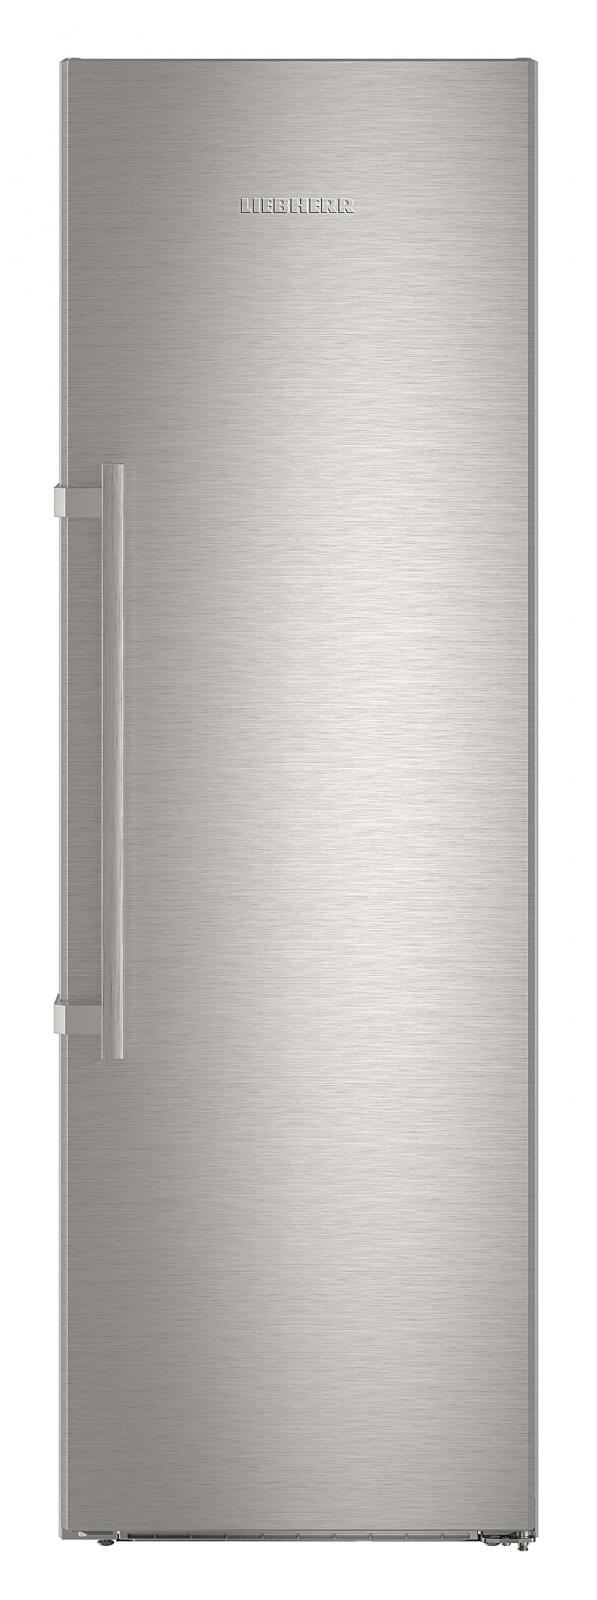 купить Однокамерный холодильник Liebherr KPef 4350 Украина фото 1